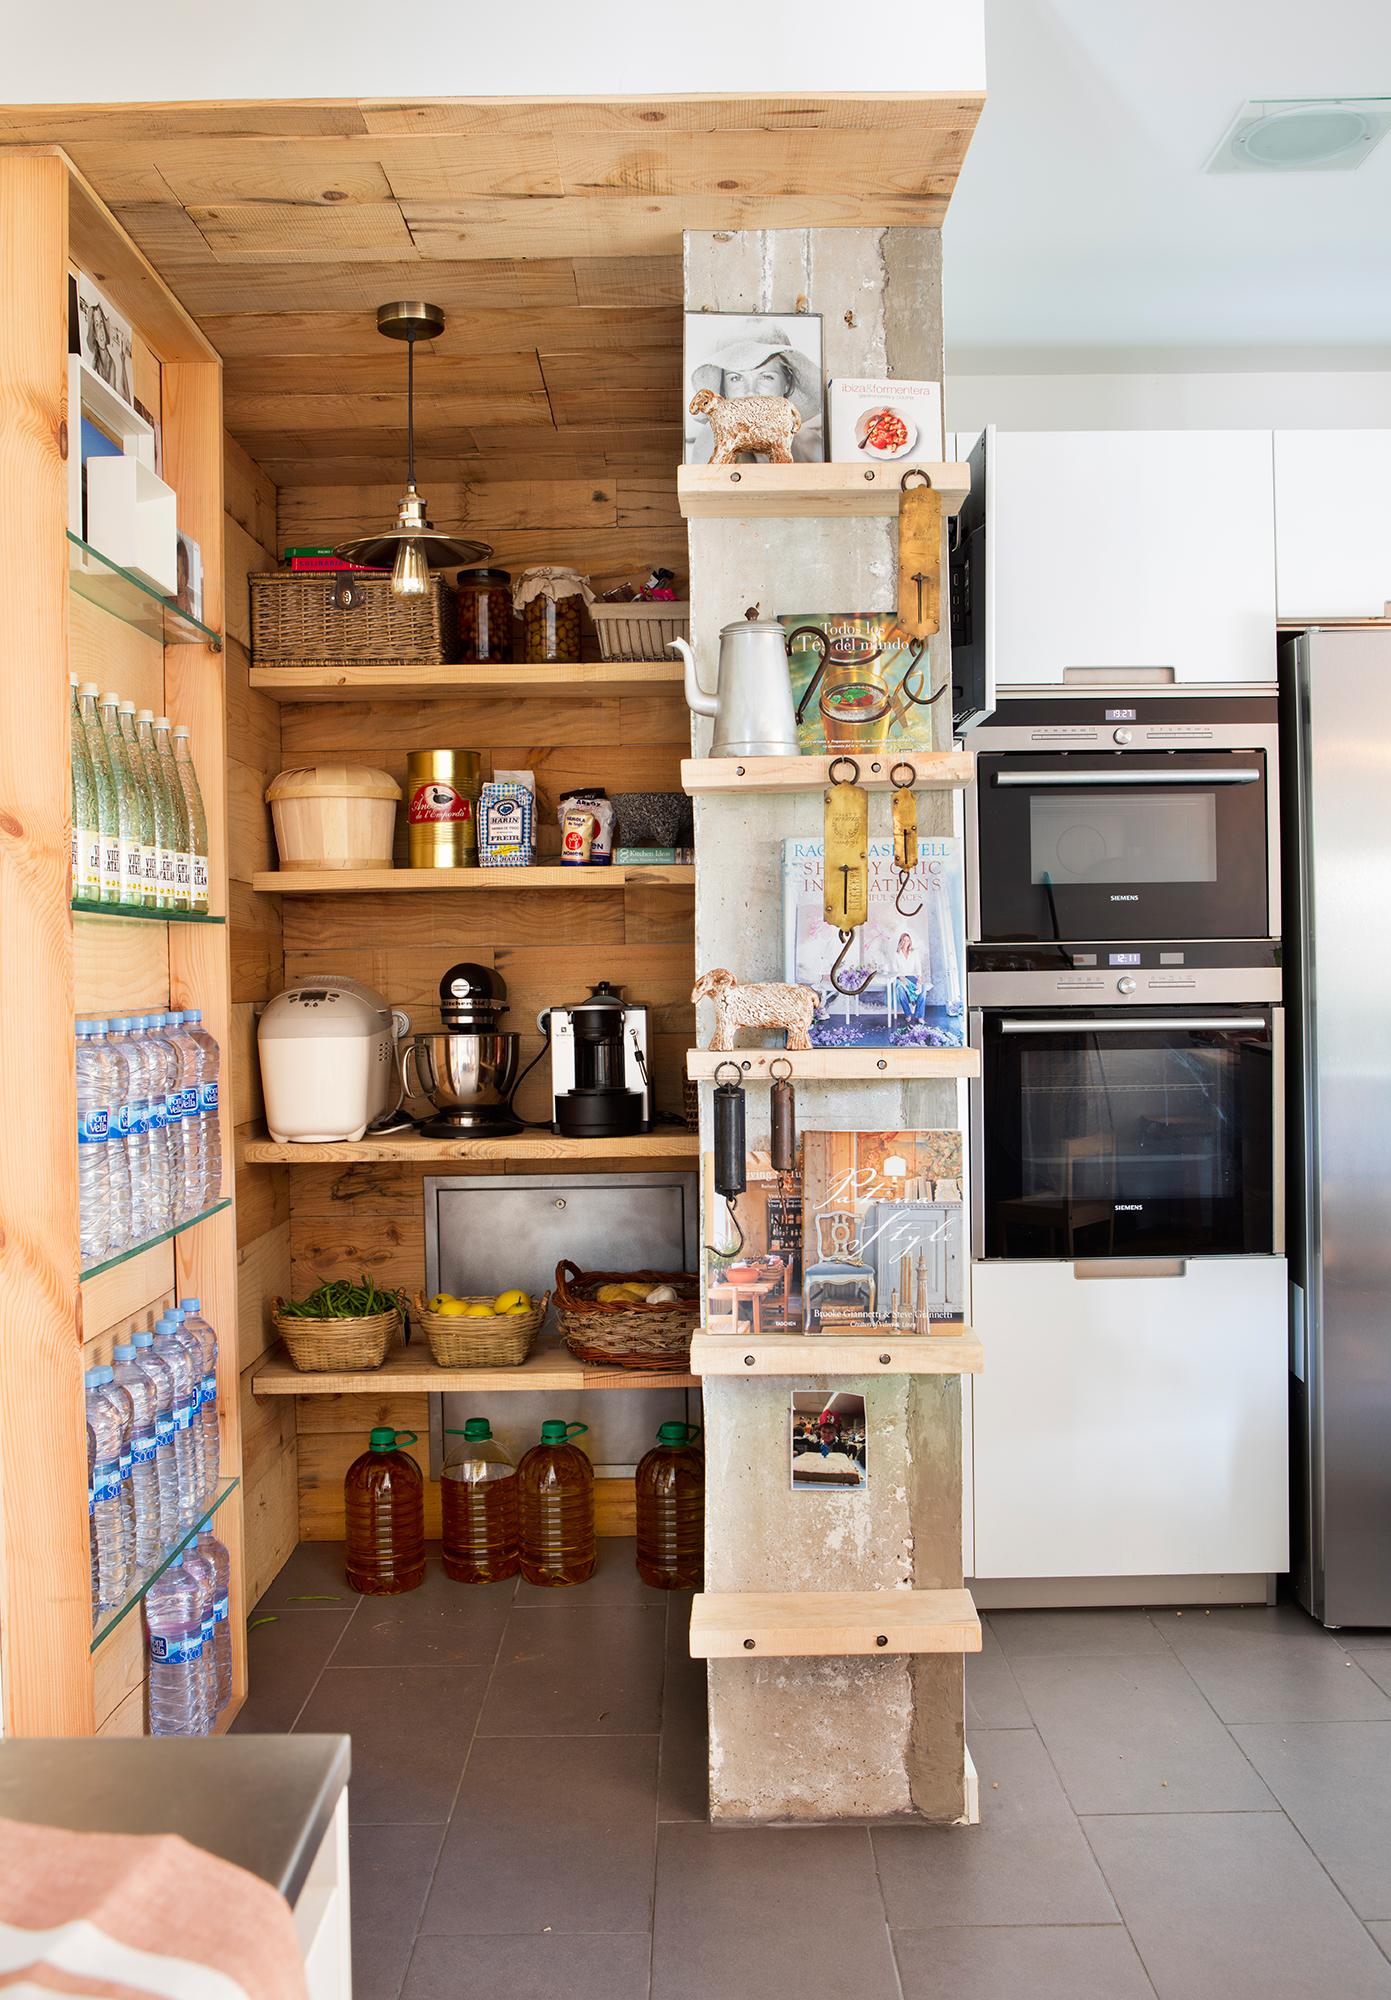 760 Fotos de Muebles de cocina - Pagina 3